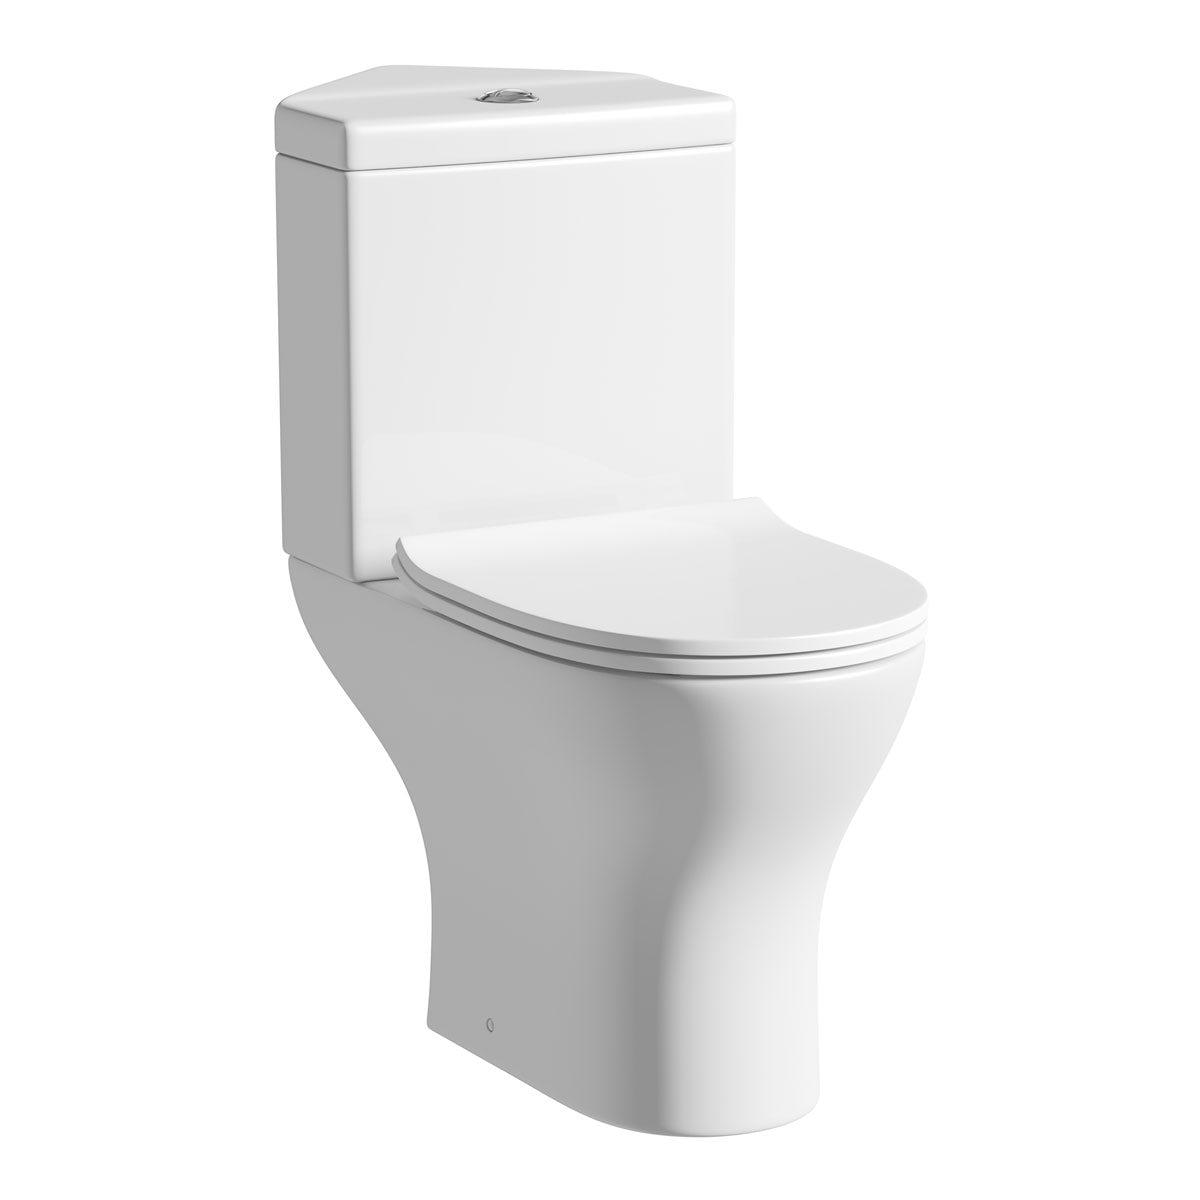 Derwent Round corner close coupled toilet with slimline soft close toilet seat